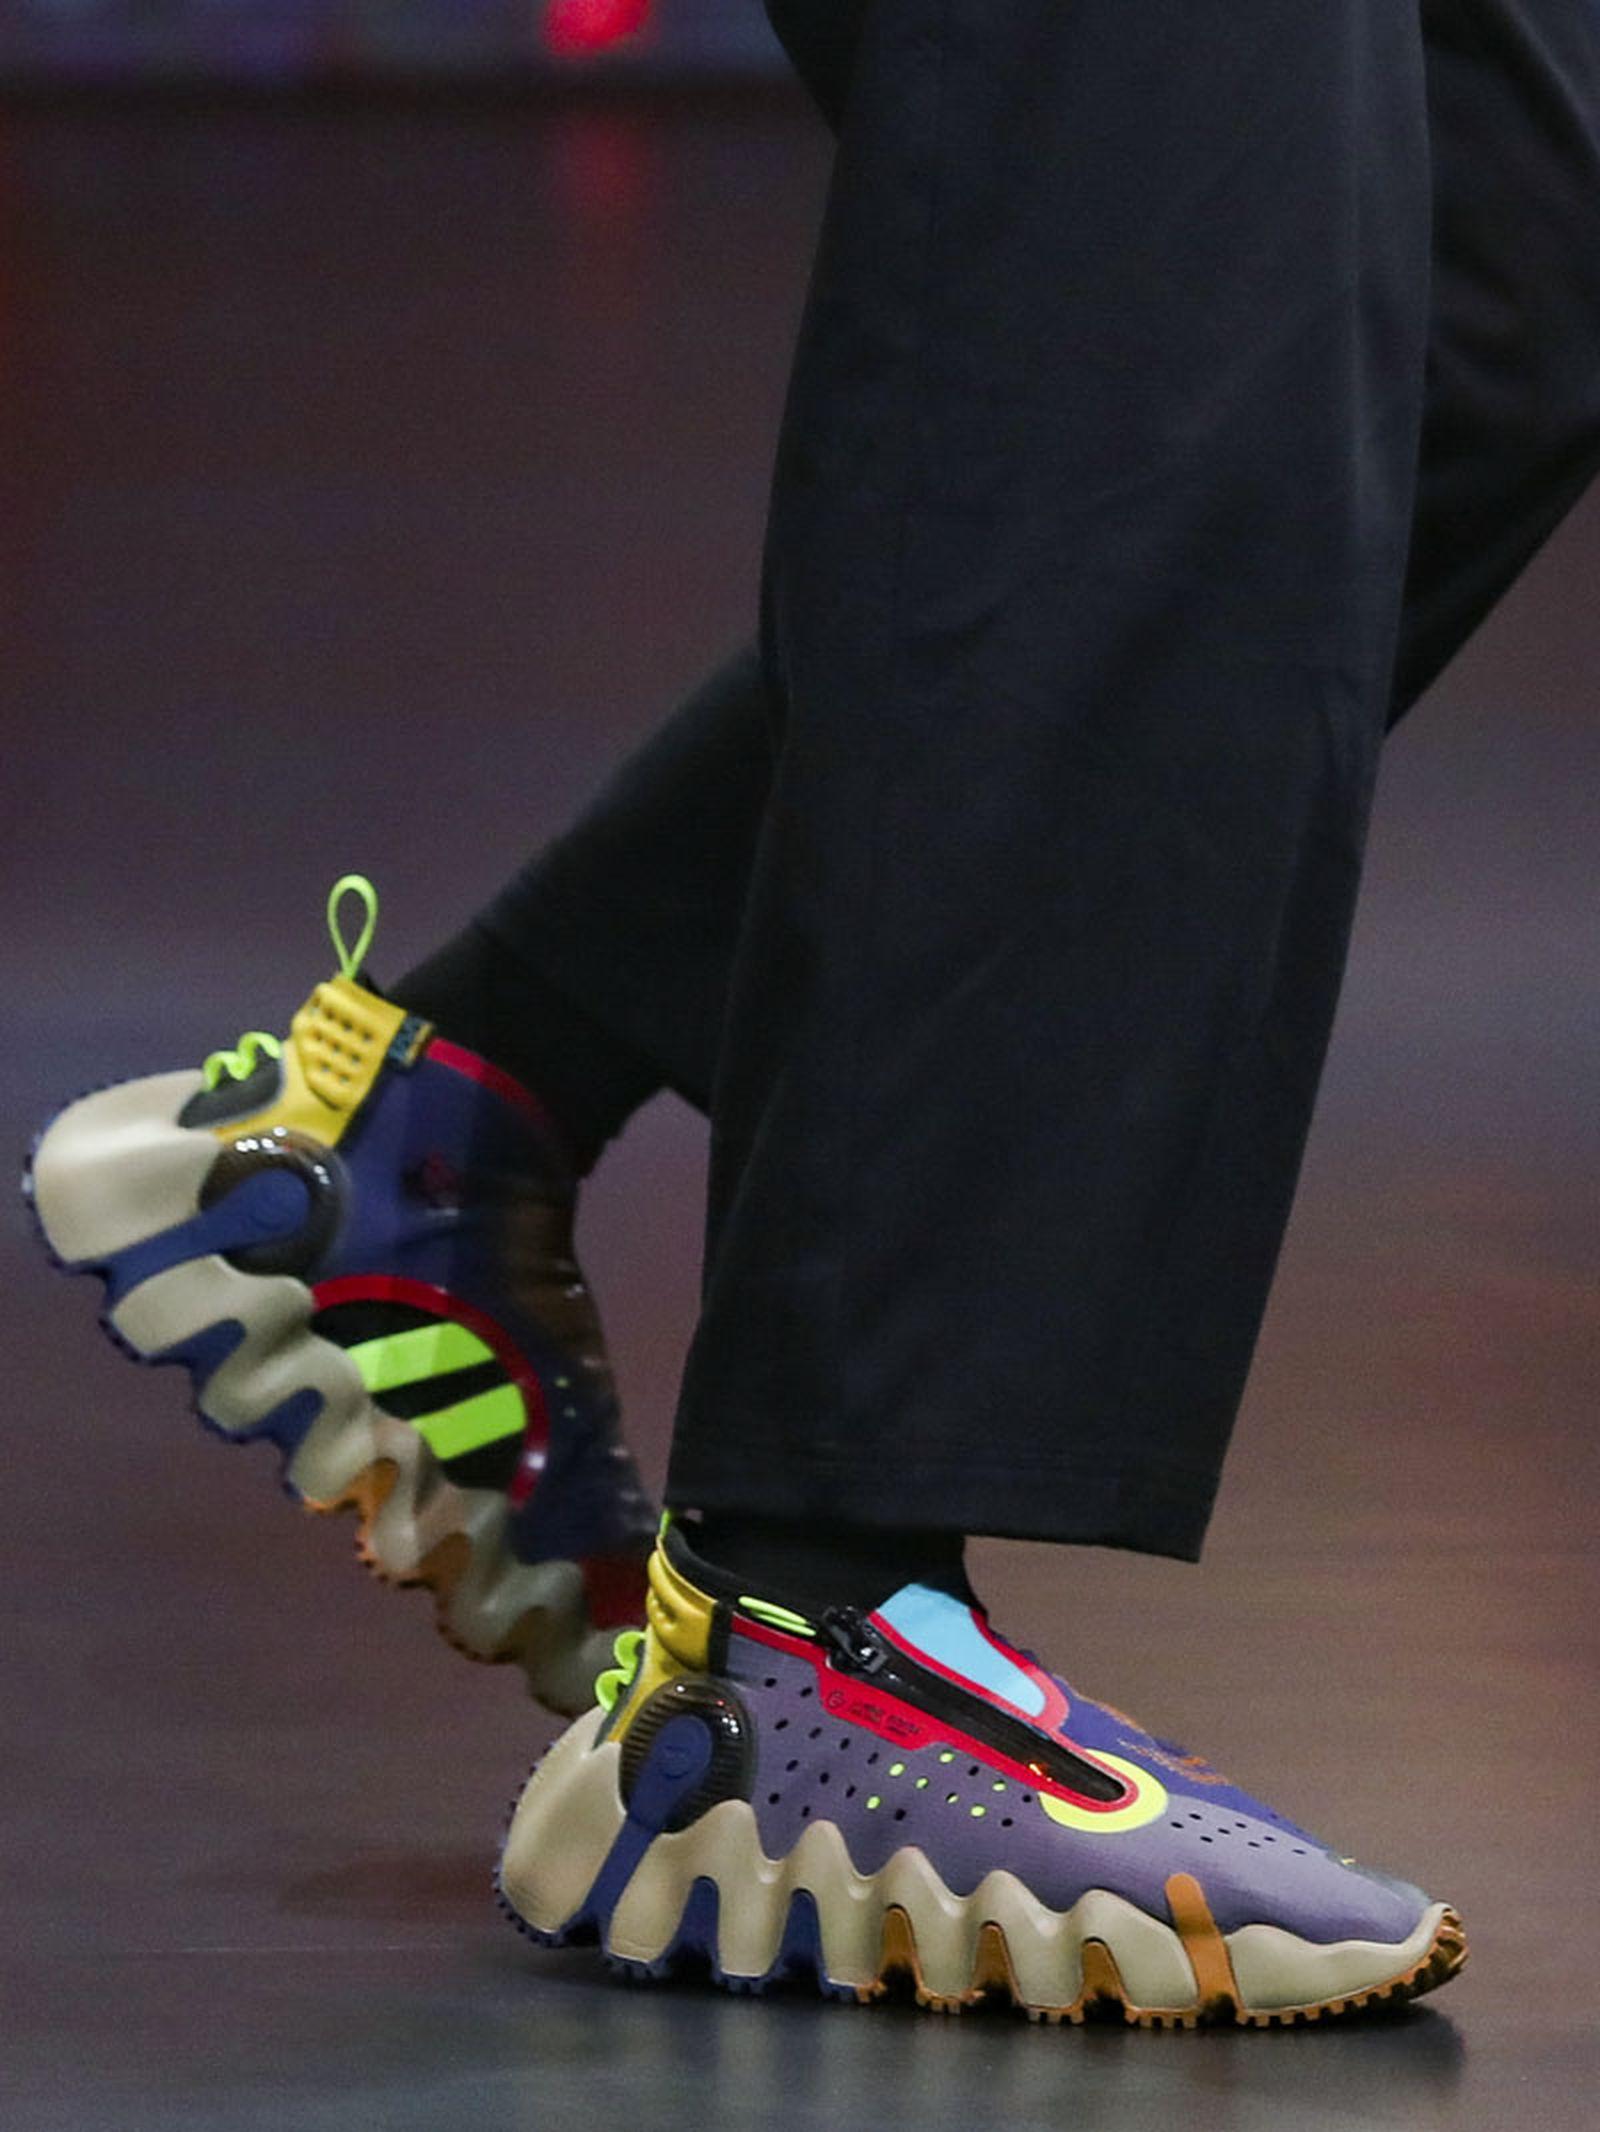 li-ning-ss21-footwear-collection-paris-fashion-week-014